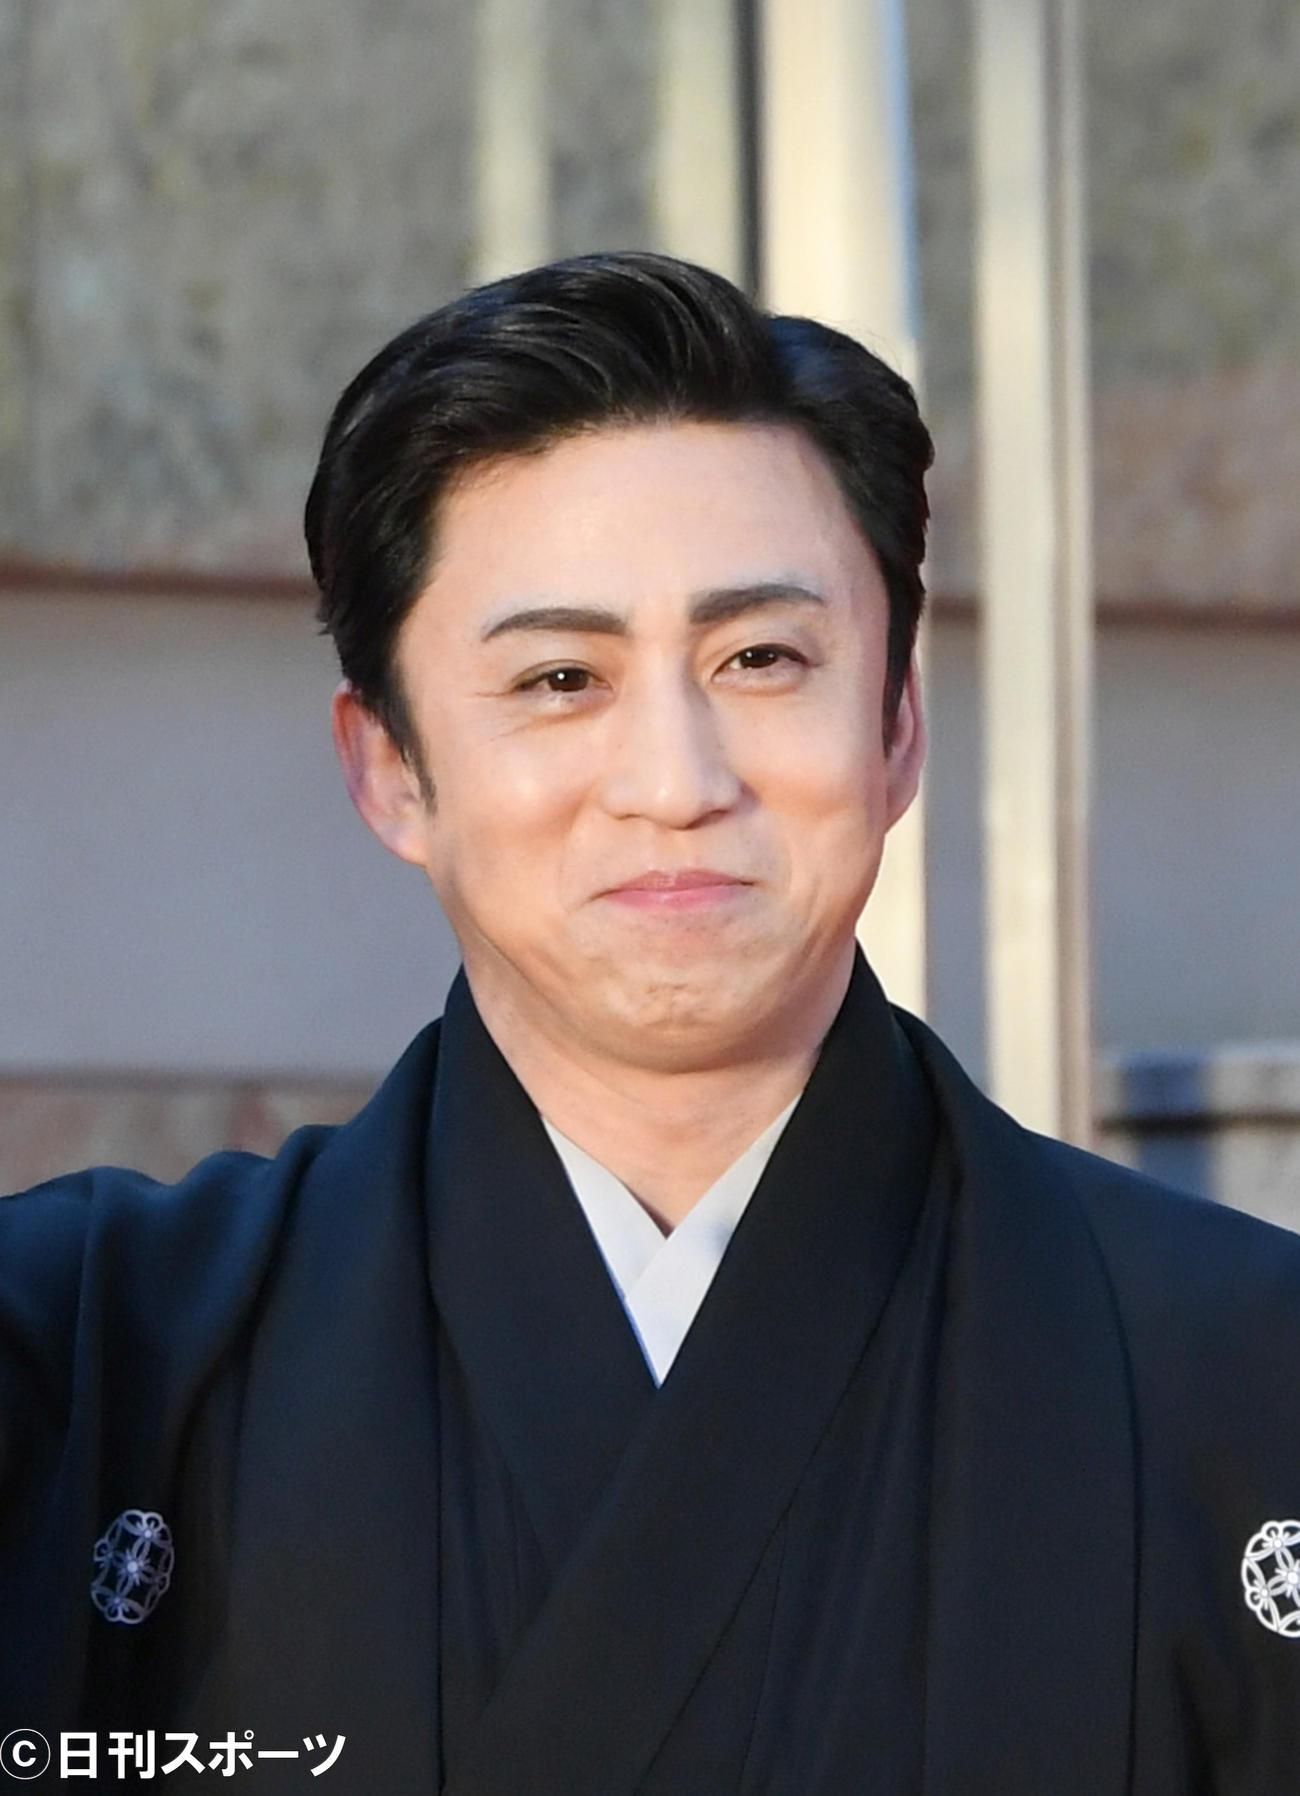 松本幸四郎(2019年10月28日撮影)